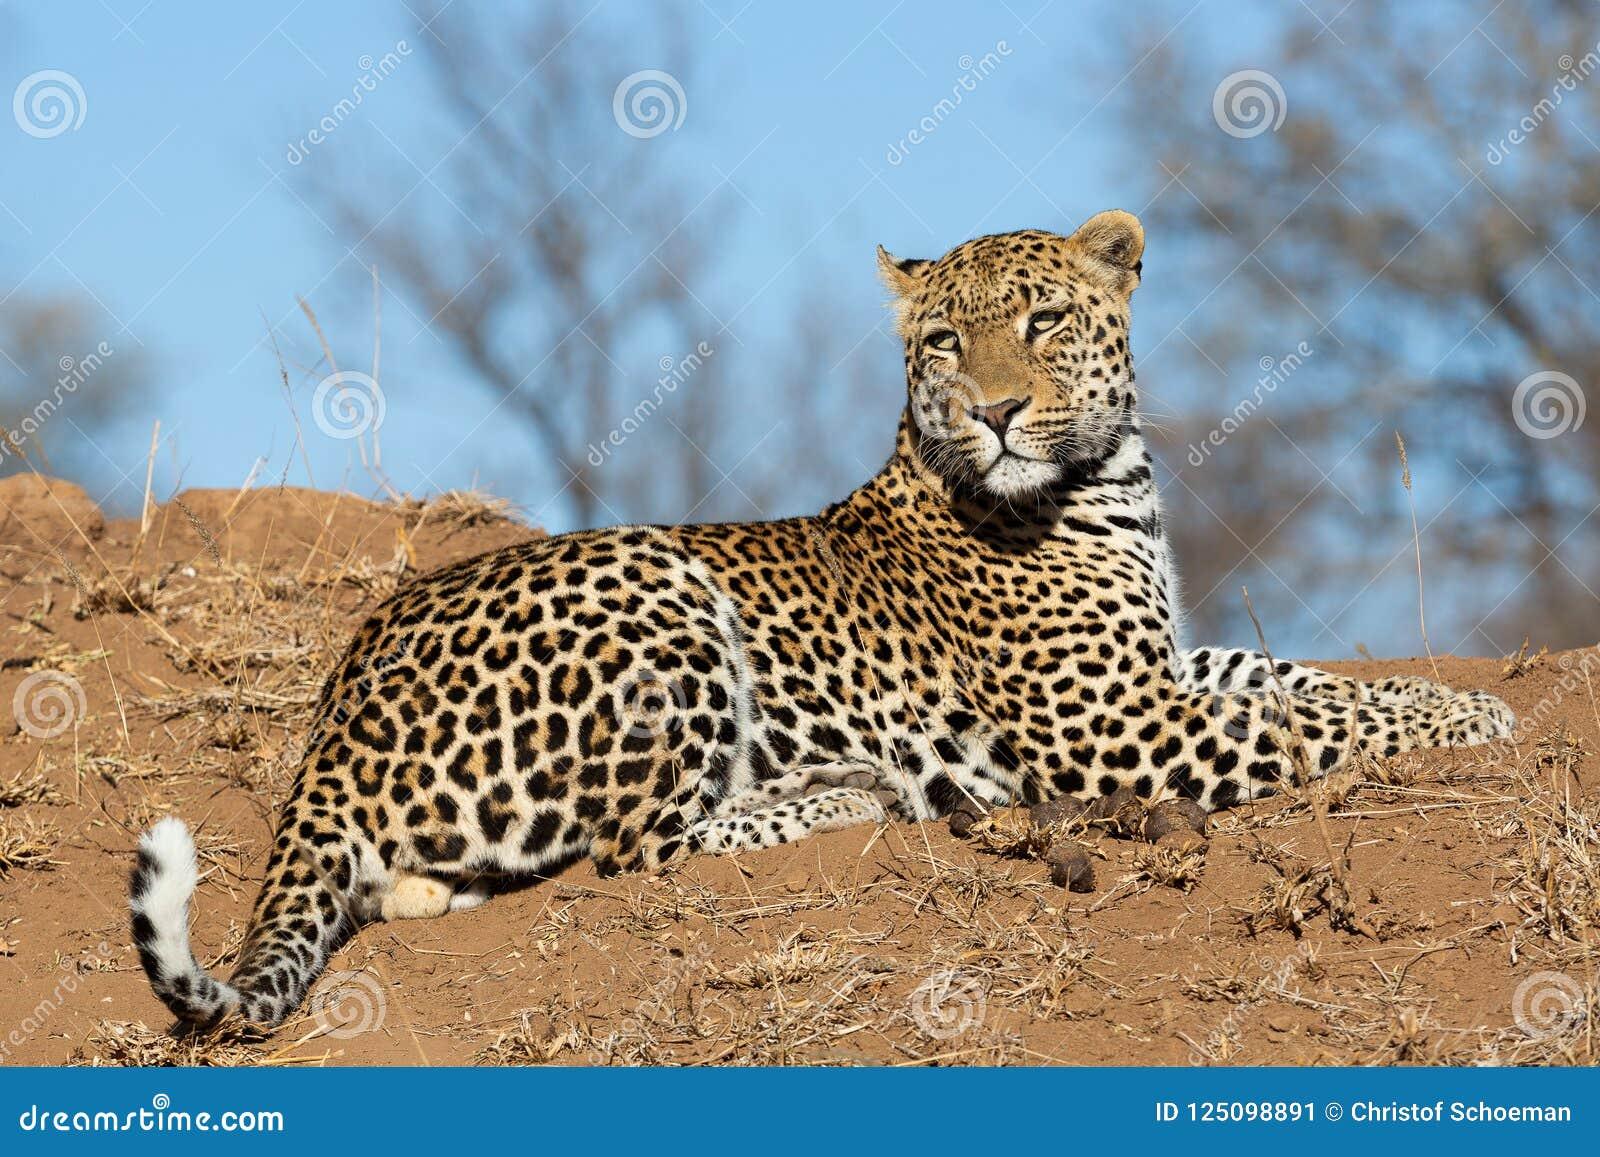 Male leopard on a mound